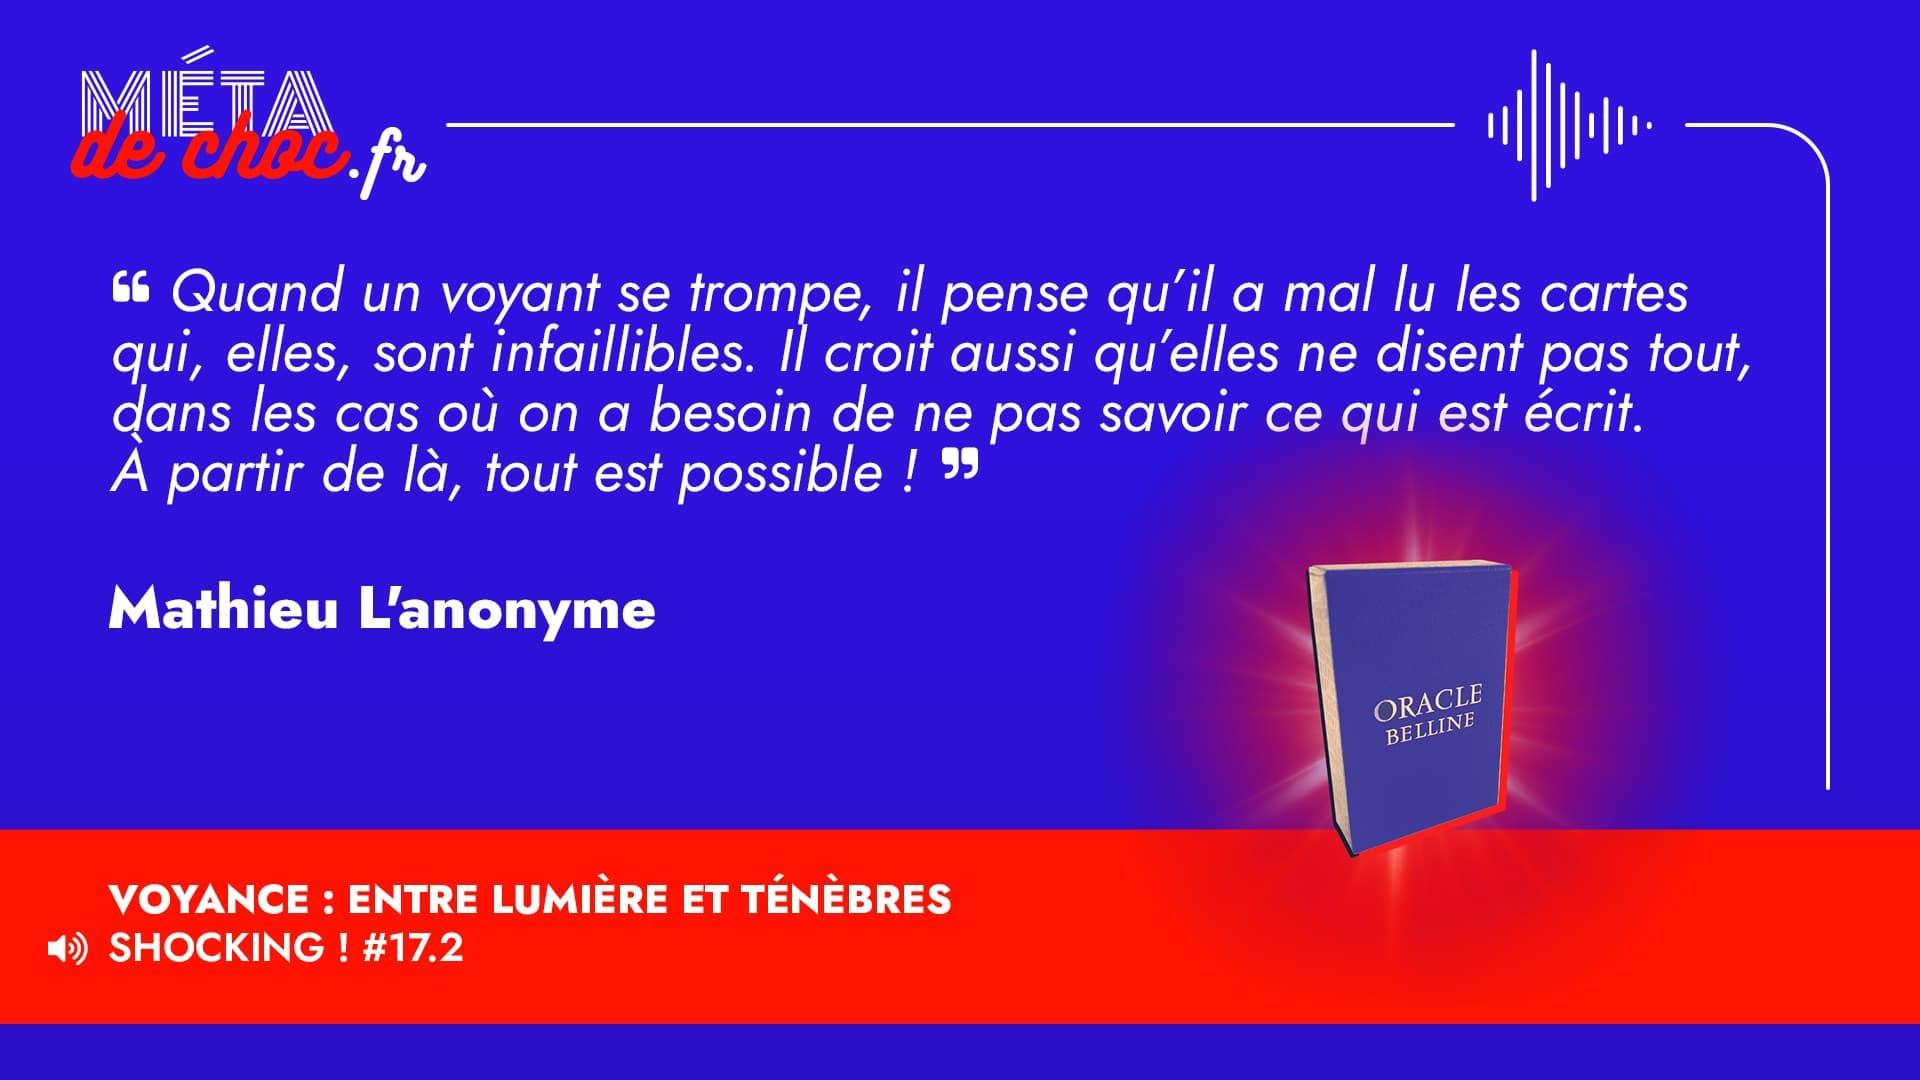 Thème du mème :  | Citation :  | Auteur.rice : Mathieu L'anonyme | Émission : Voyance : entre lumière et ténèbres | Image d'illustration :